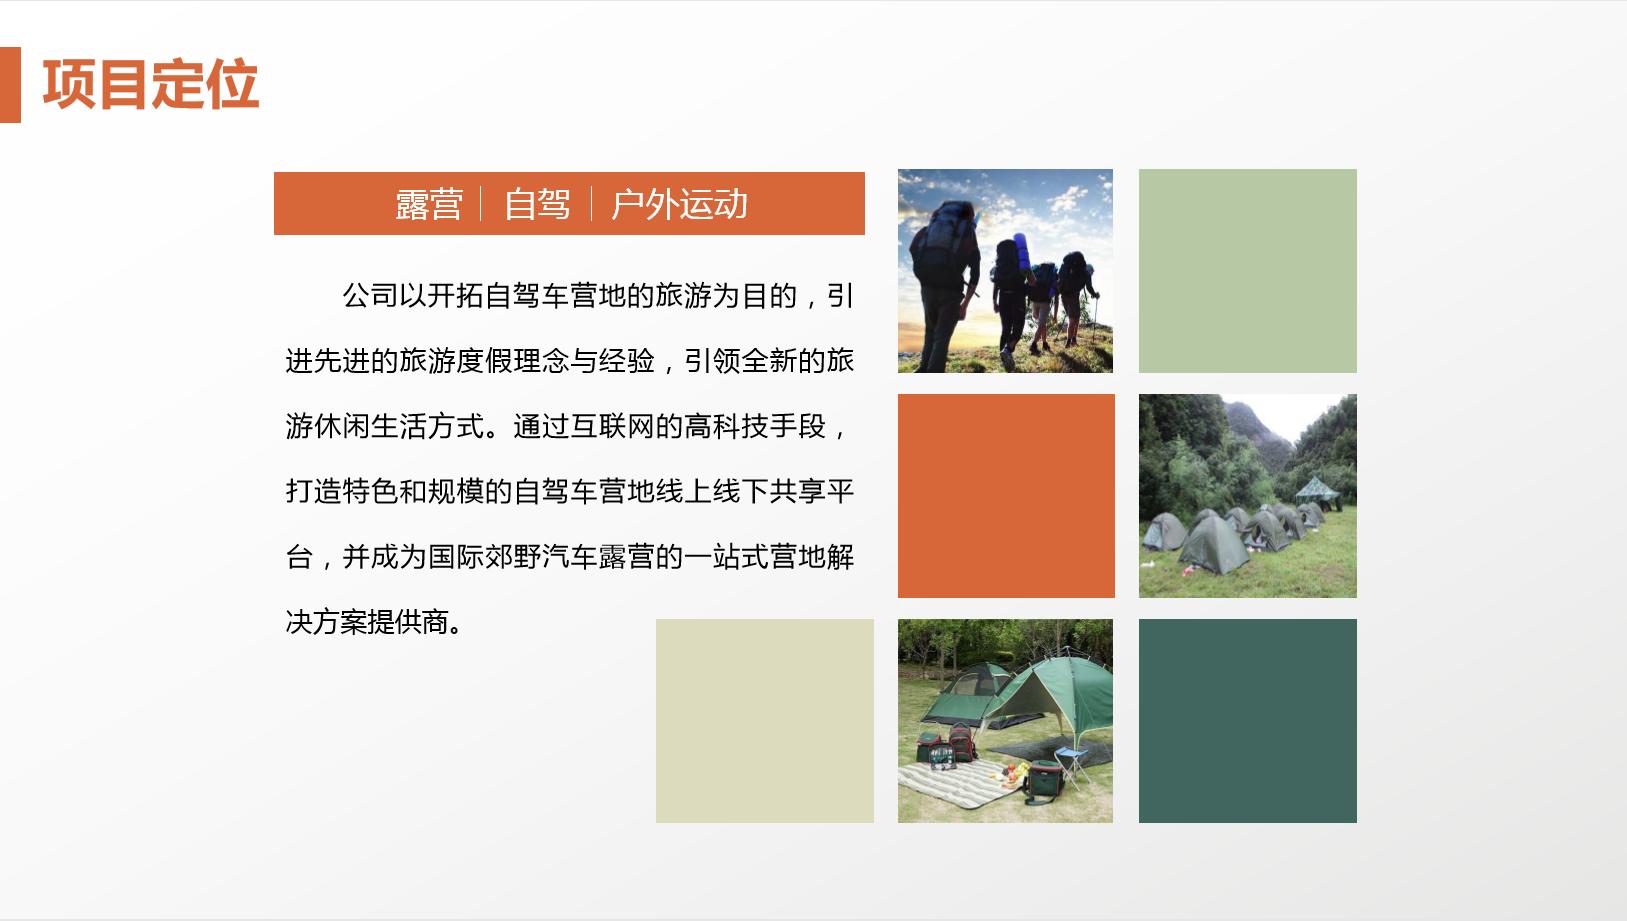 商业计划书融资计划书招商PPT创业计划书商用可行性报告BP